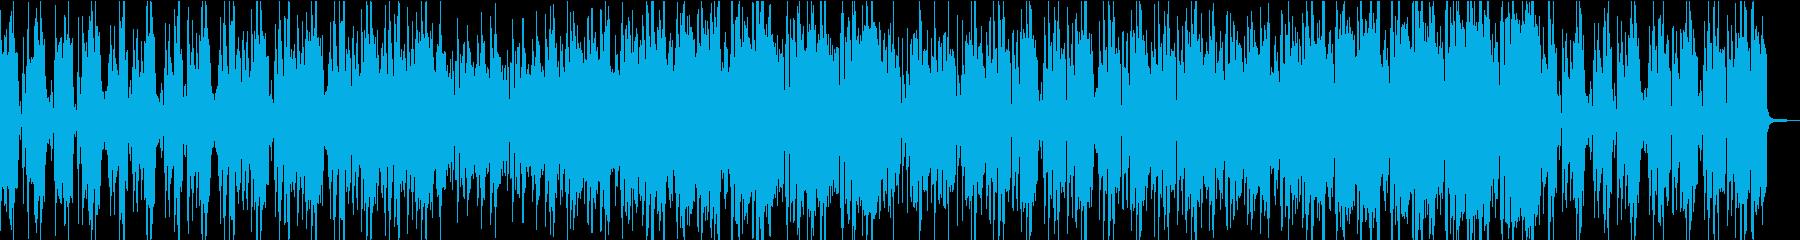 ブルージーなアップテンポビッグバンドの再生済みの波形